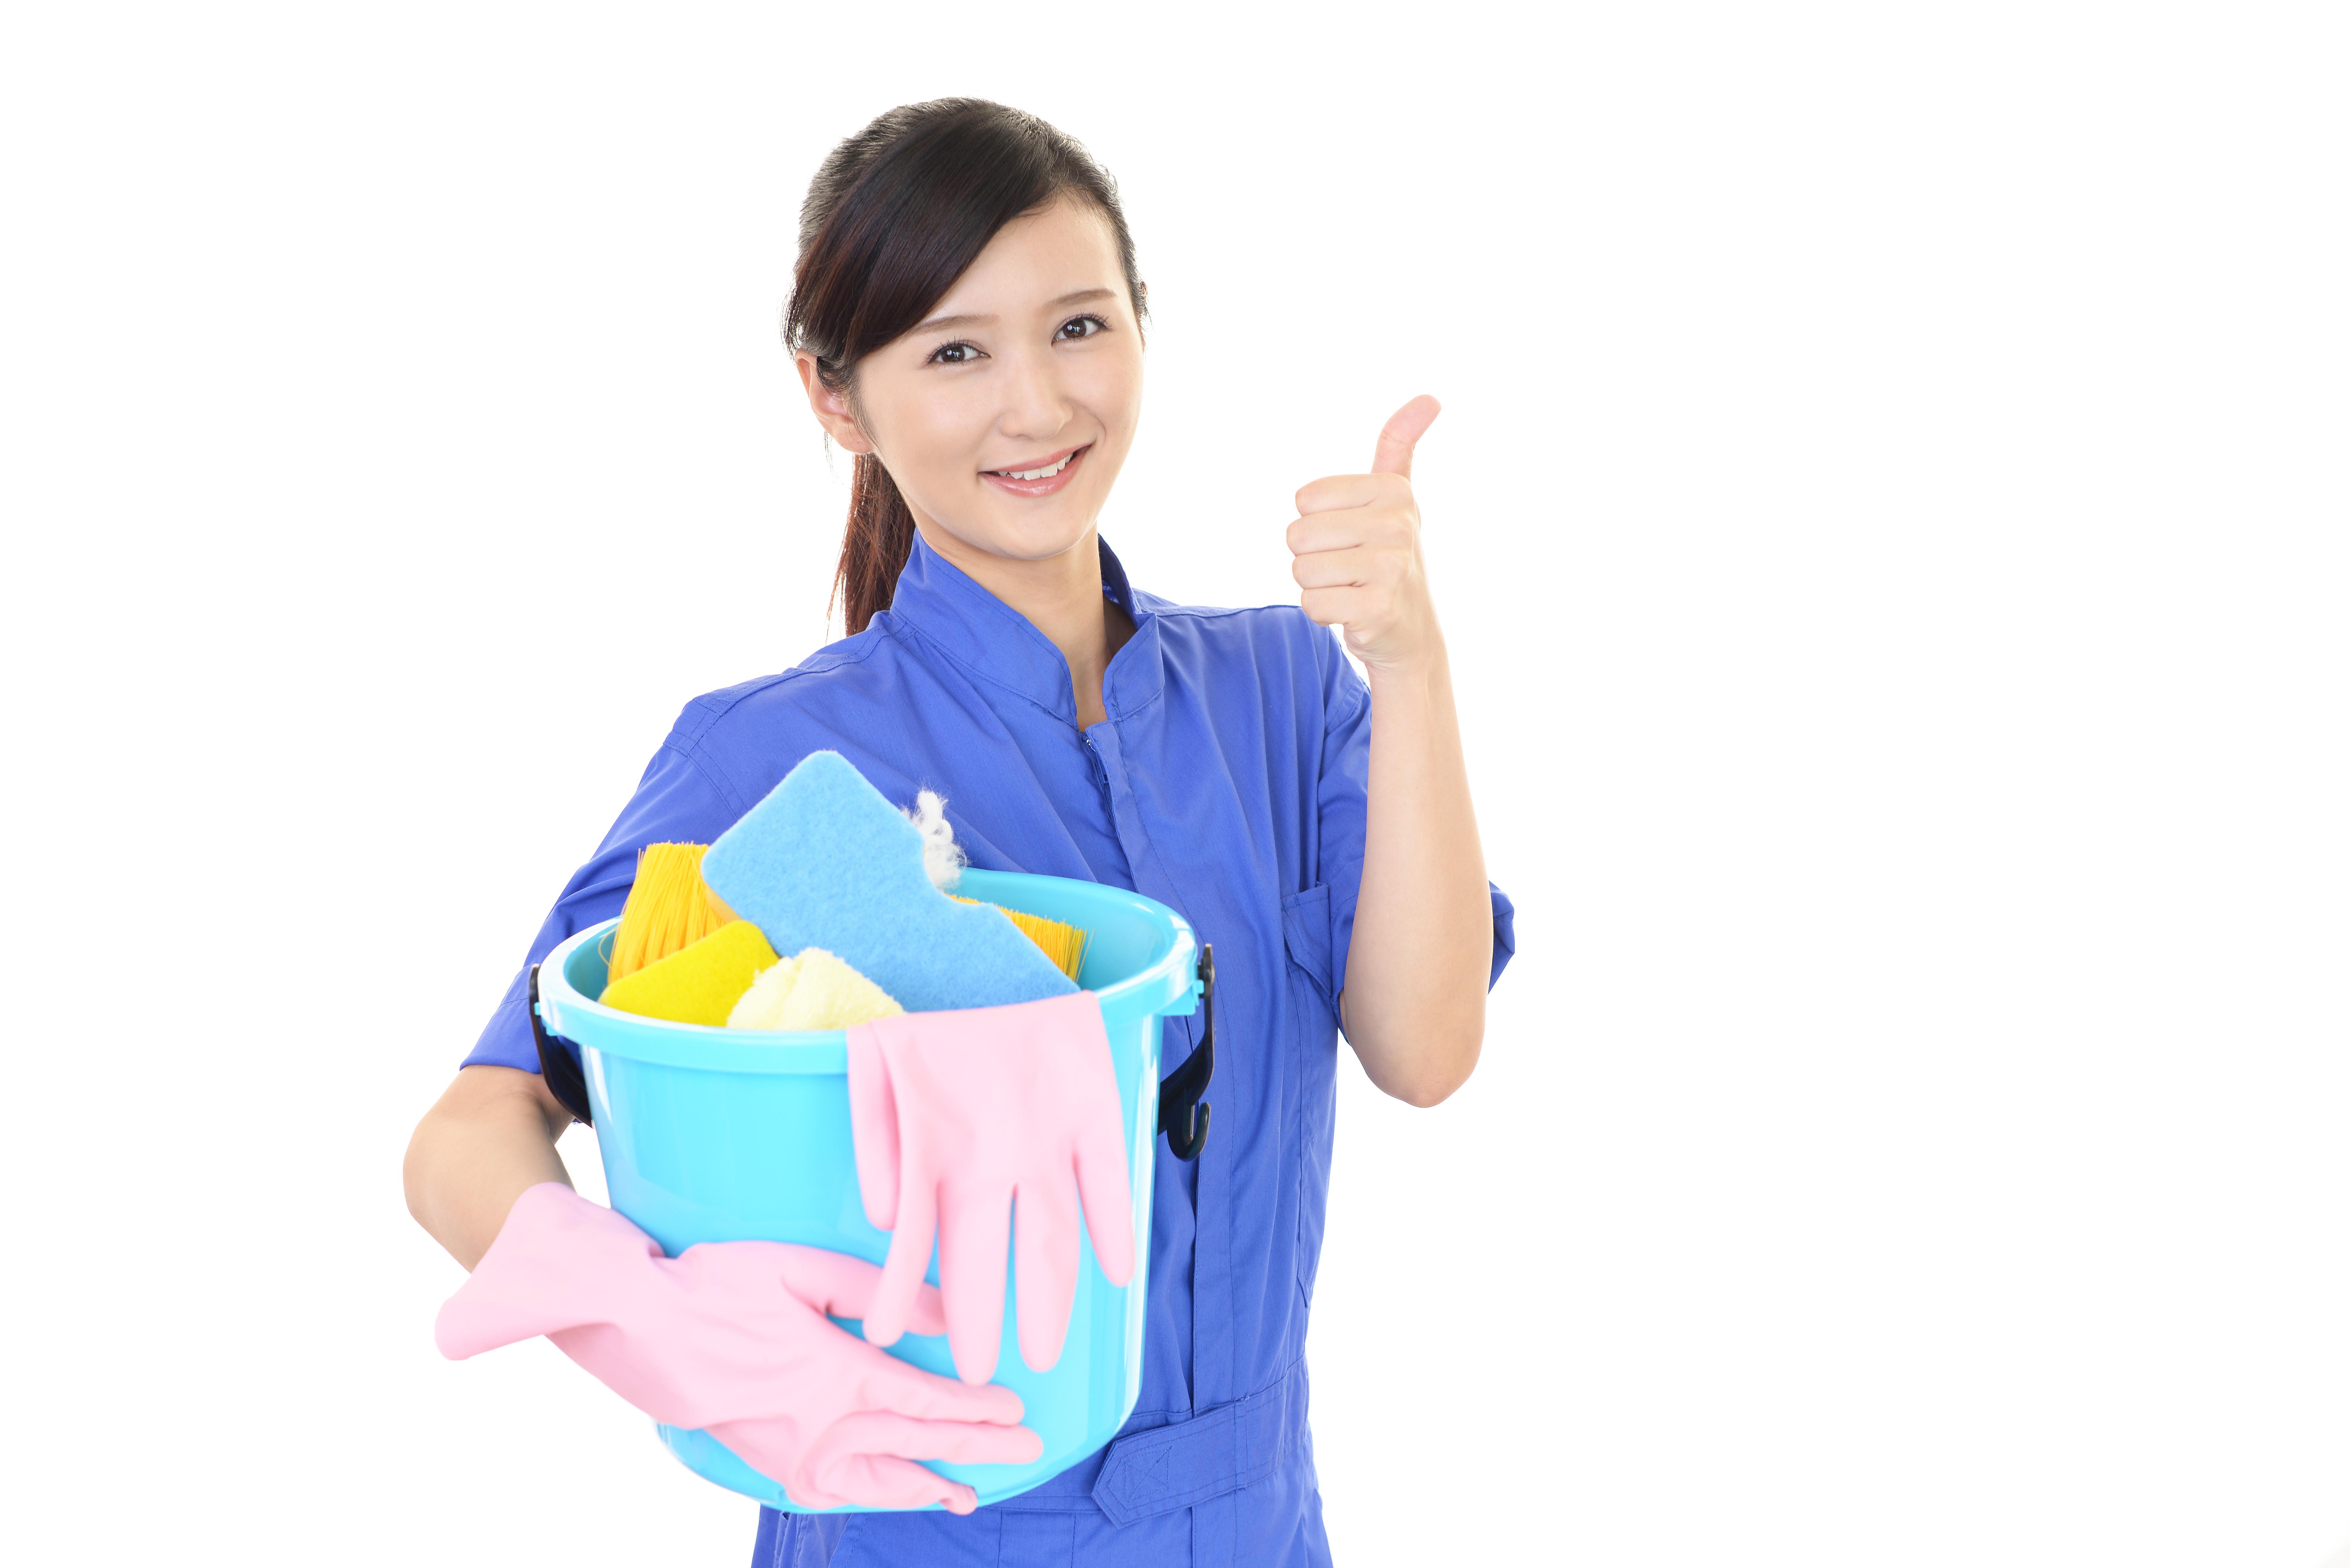 清掃スタッフ 大阪市北区梅田エリア 共同産業株式会社 のアルバイト情報